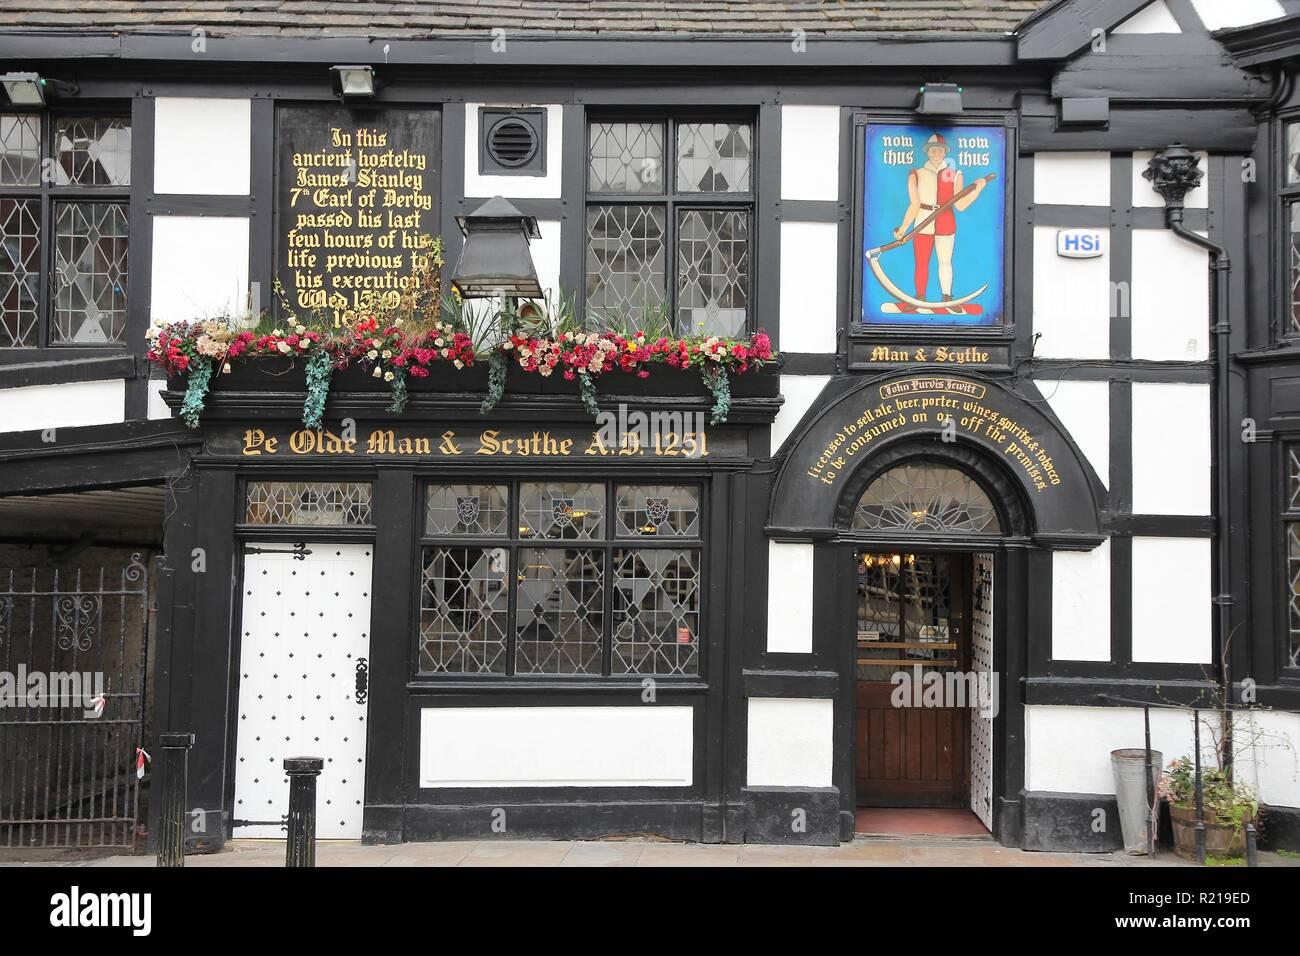 Bolton Großbritannien 23 April 2013 Außenansicht Des Ye Olde